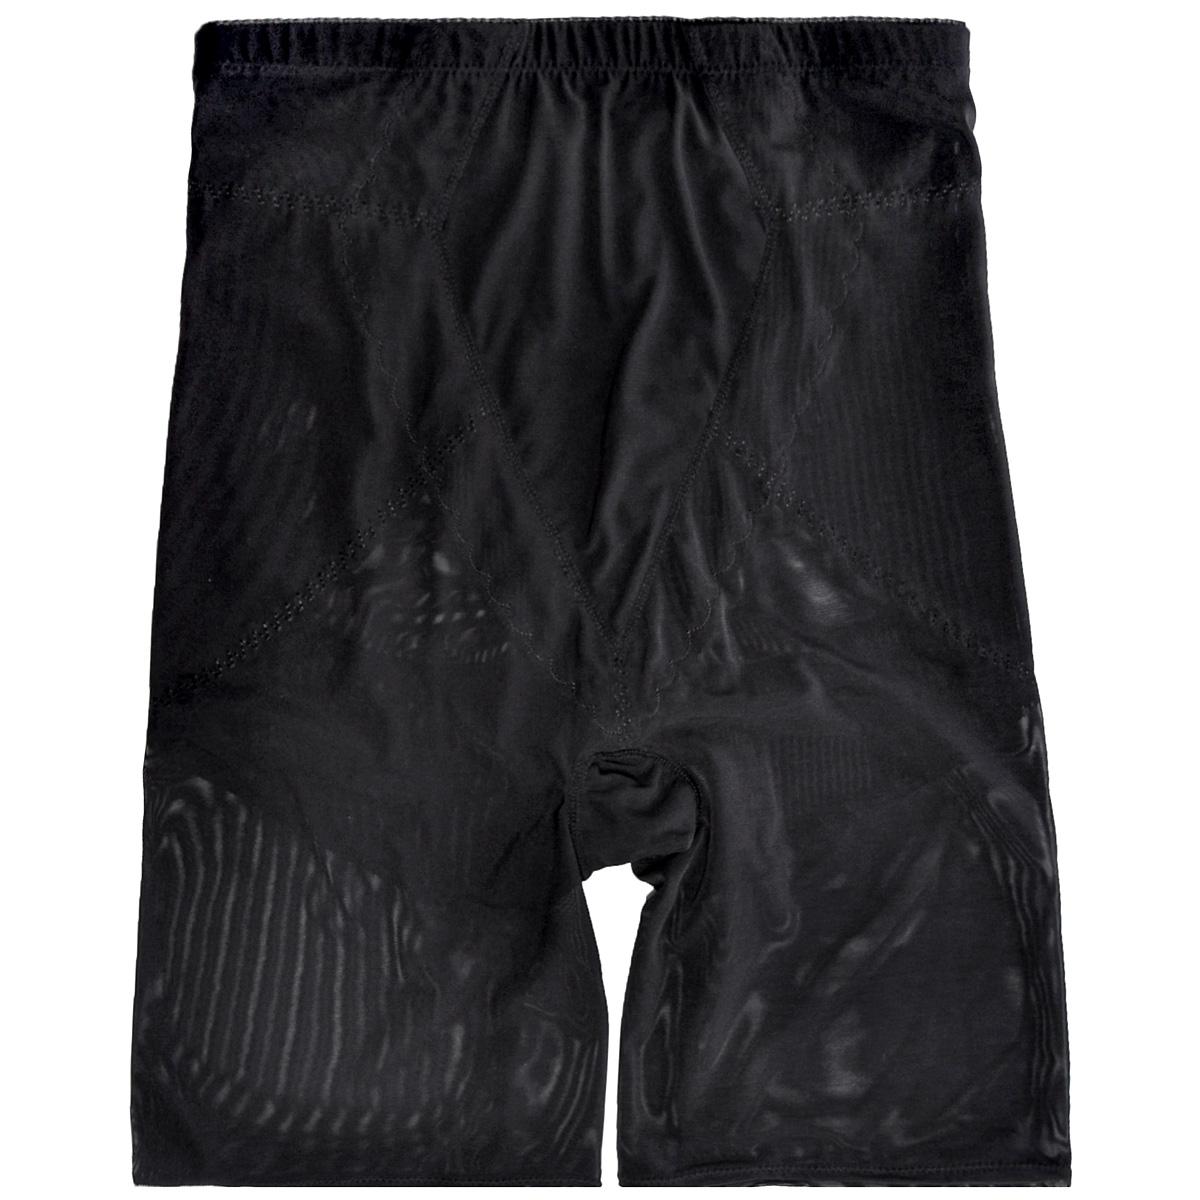 Шорты женские Magic BodyFashion Super-Control Bermuda, супер-утягивающиие, цвет: черный. 14CB. Размер S (44)14CBСупер-утягивающие шорты-бермуды Magic BodyFashion Super-Control Bermuda очень удобные и комфортные в носке. С этими шортами-бермудами вы скорректируете линию бедер, проблемные места в области живота и талии. Шорты созданы из легкой, почти прозрачной ткани, что кажется, будто это вторая кожа. Изделие сконструировано таким образом, чтобы ваши ягодицы выглядели всегда подтянутыми, а фигура в целом производила только приятное впечатление.Крой шорт необычен, благодаря чему их невозможно заметить под любой одеждой, они практически не ощущаются на коже, позволяют чувствовать себя комфортно и легко. Изделие позволяет приобрести выразительные линии своего тела за считанные секунды (можно скрыть все лишнее).Белье Magic BodyFashion создано для тех, кто стремится к безупречности своего стиля. Именно благодаря ему огромное количество женщин чувствуют себя поистине соблазнительными, привлекательными и не на шутку уверенными в себе.